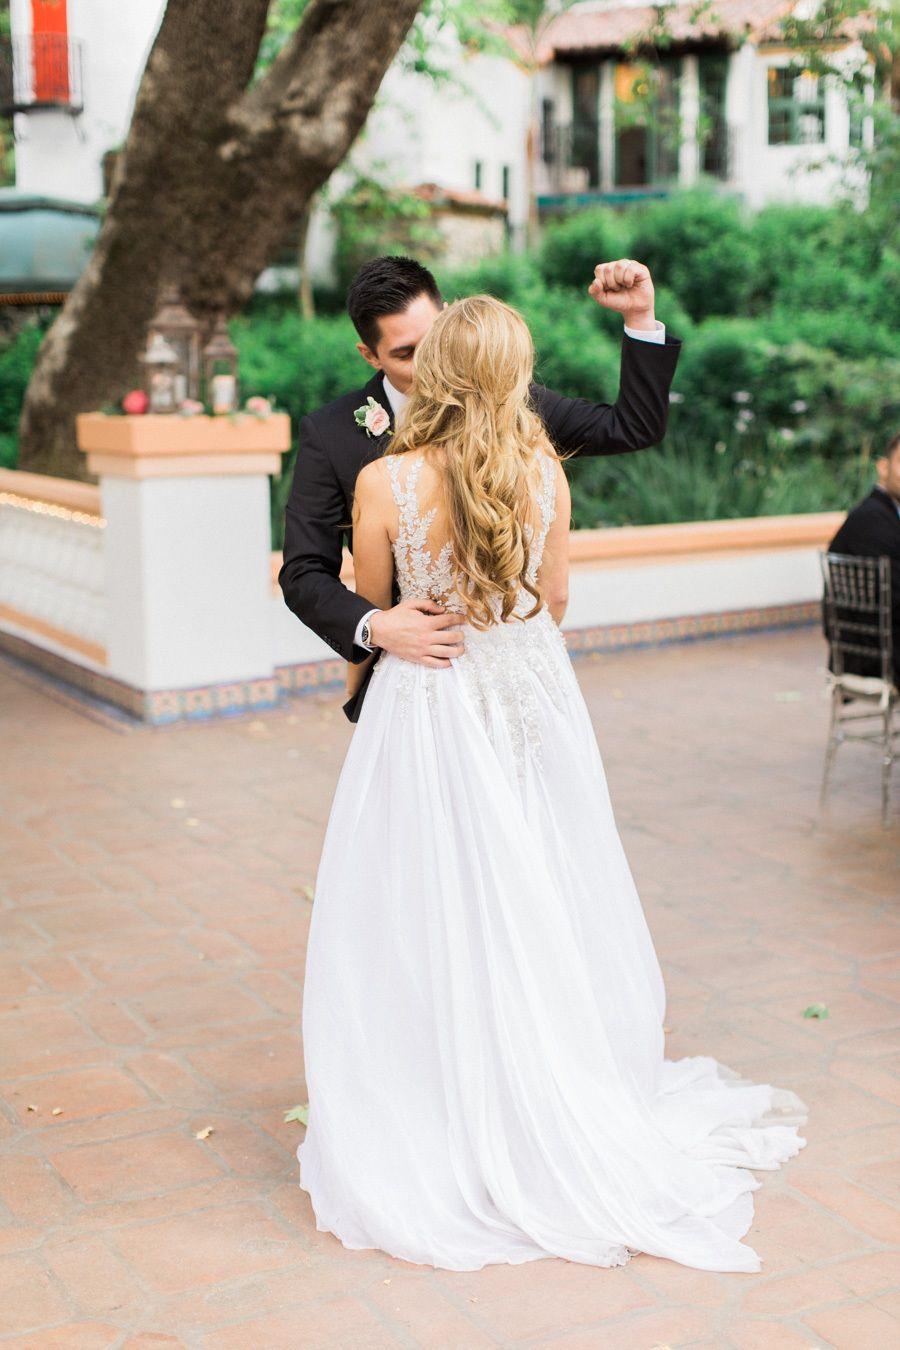 Khloe kardashian wedding dress  The OMG Wedding Dress Our Editors Canut Get Over  Editor Read